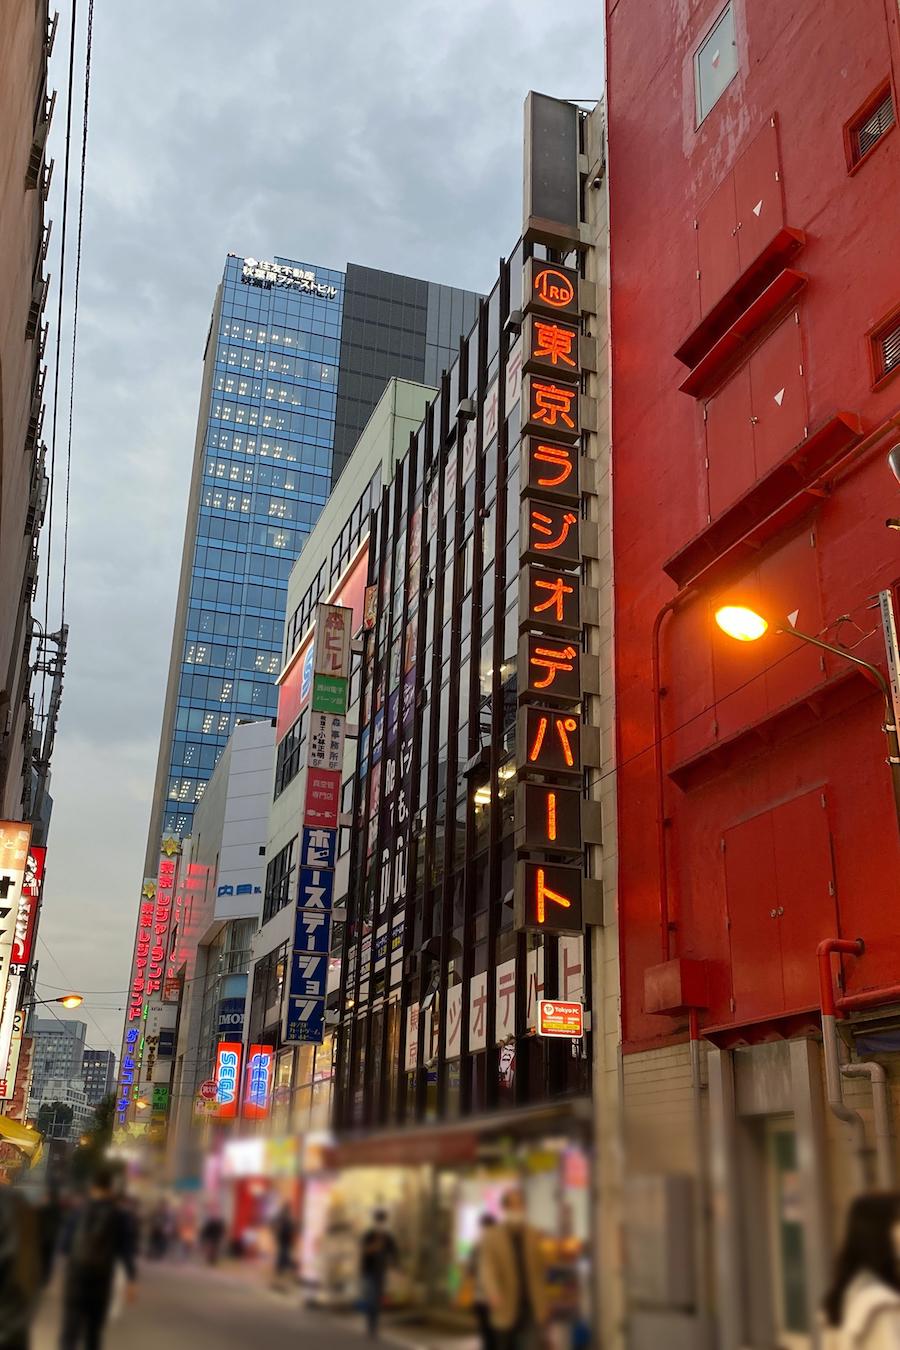 東京ラジオデパート 外観 photo by ぷらいまり